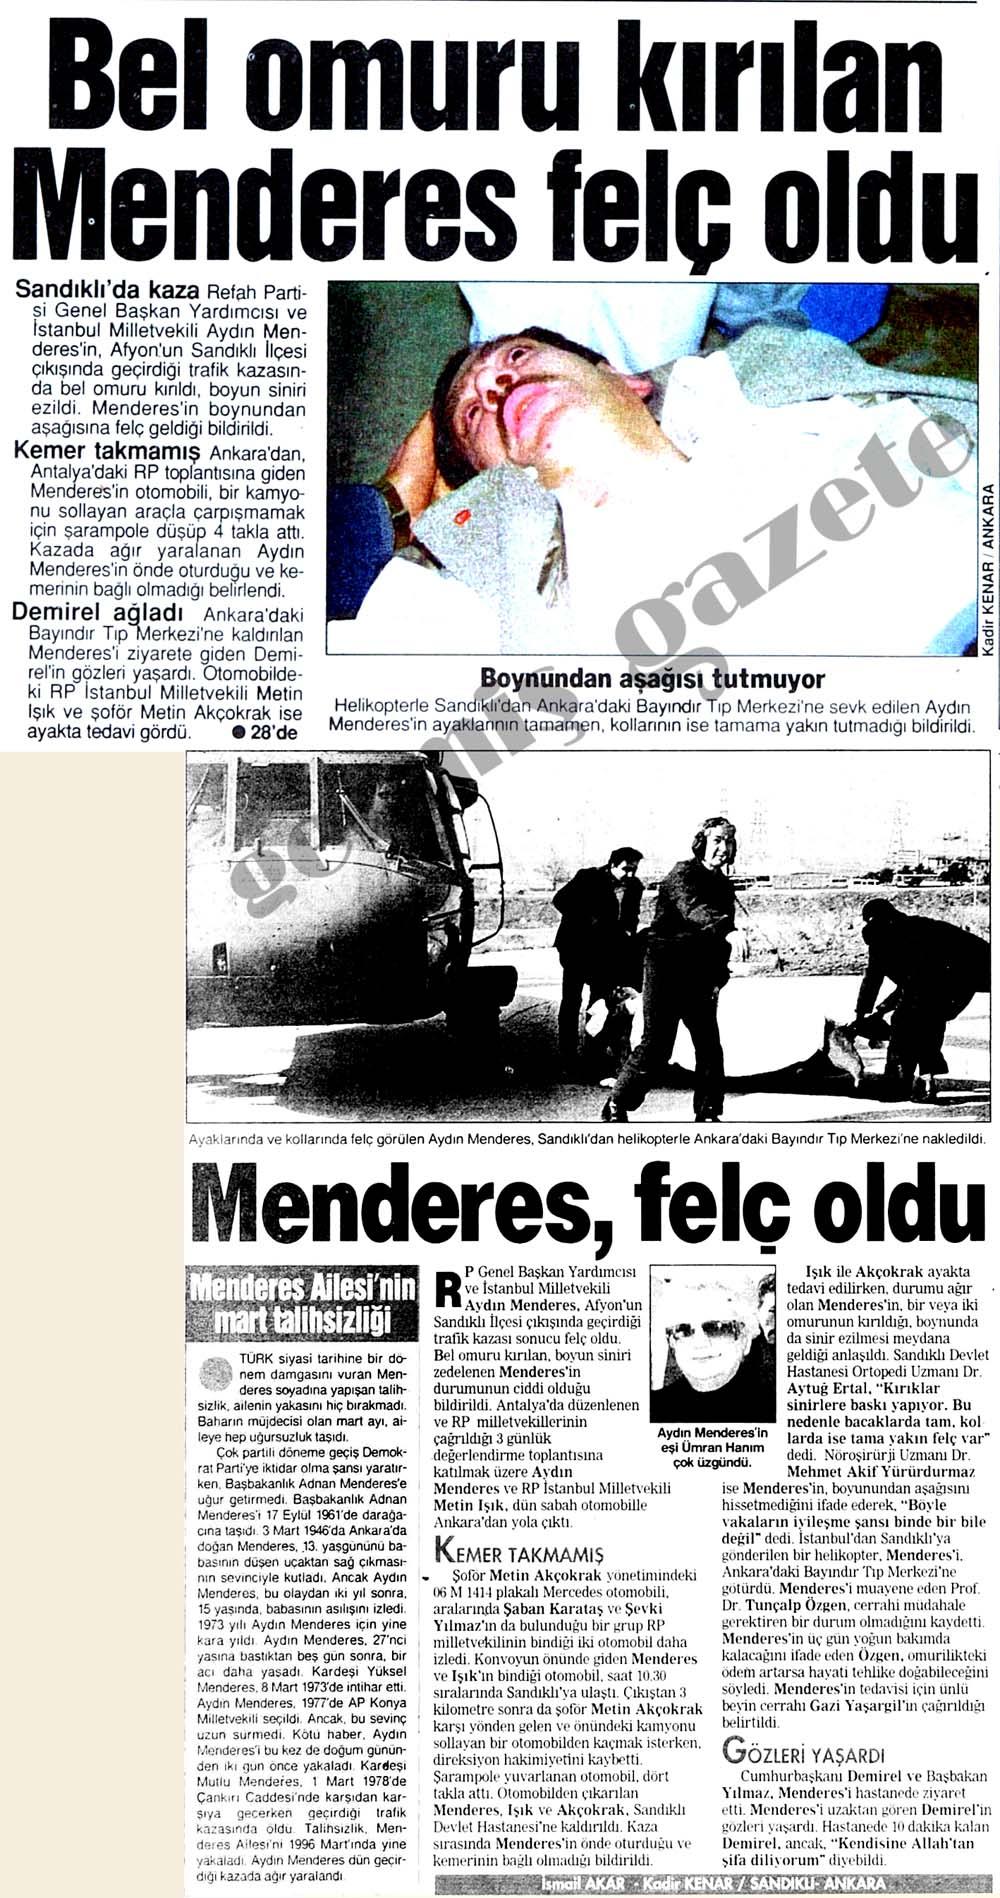 Bel omuru kırılan Menderes felç oldu